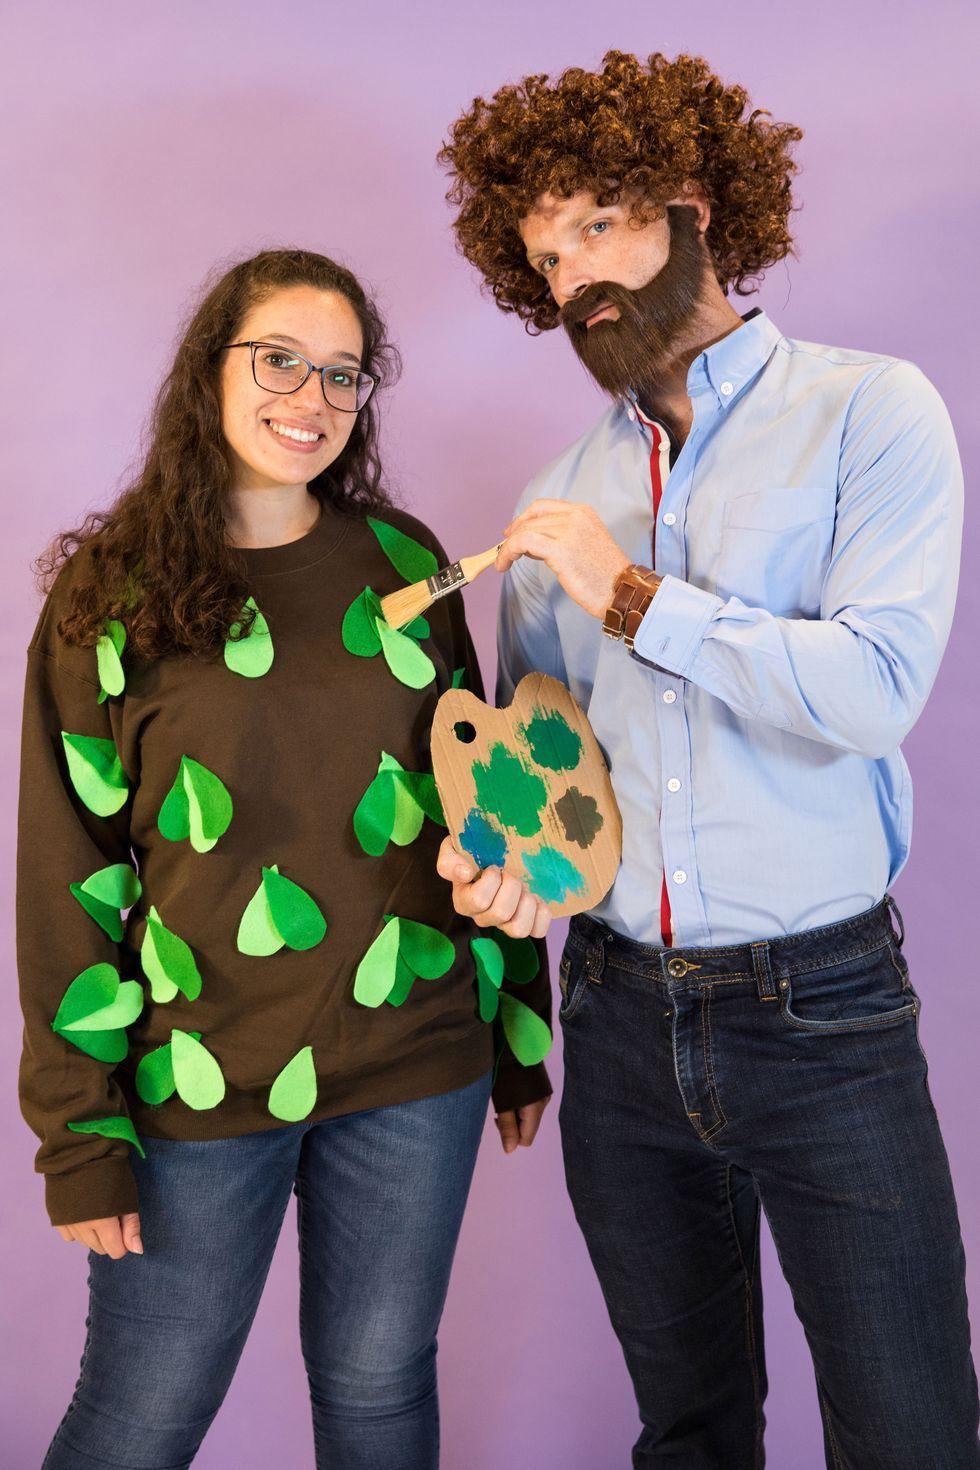 50 easy last minute halloween costume ideas diy halloween costumes rh goodhousekeeping com halloween homemade costume ideas halloween homemade costume ideas